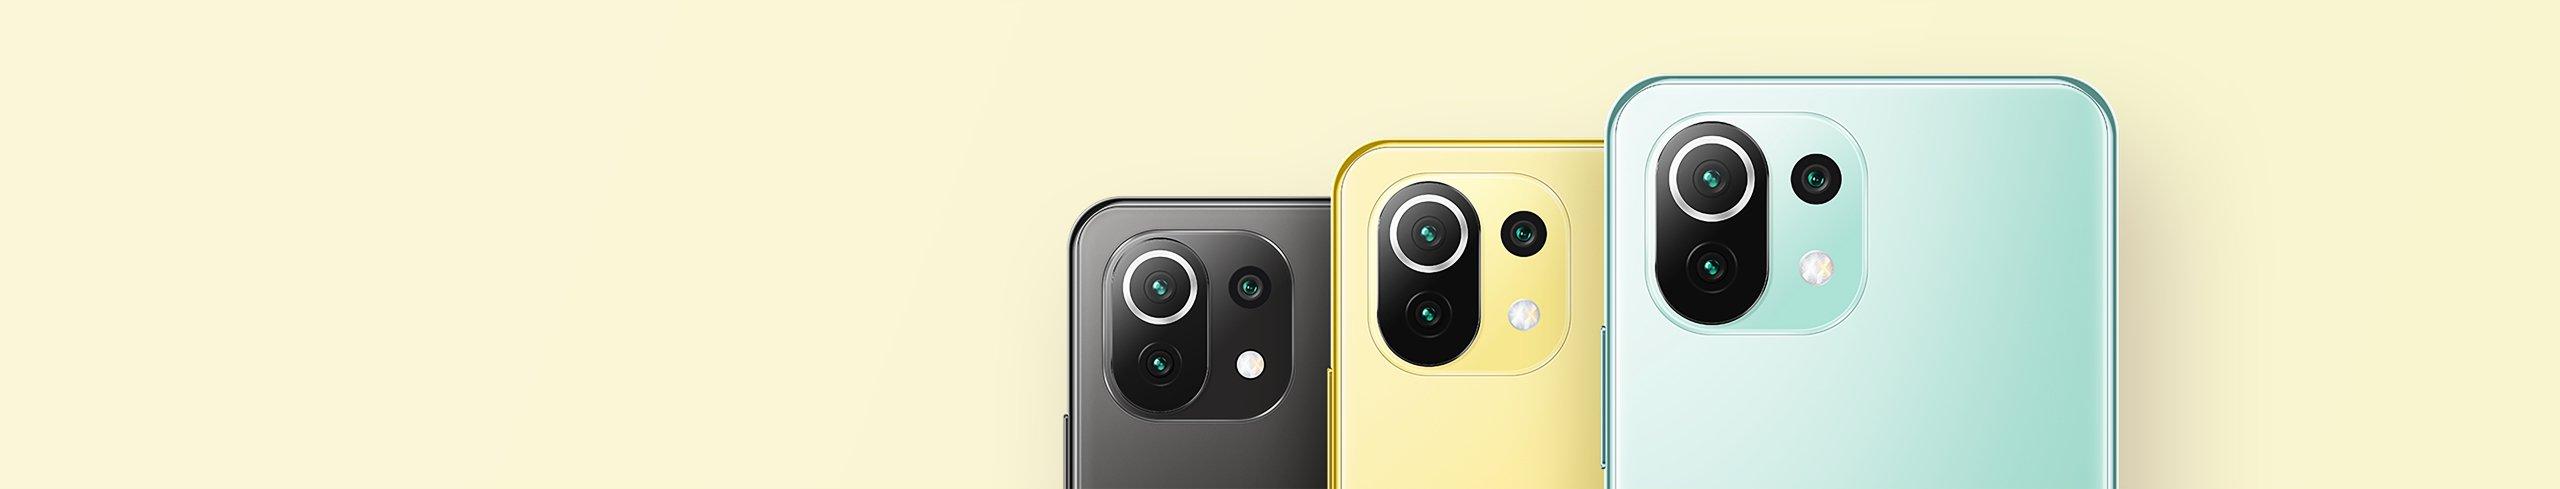 El Mi 11 Lite 5G puede comprarse en 3 colores diferentes